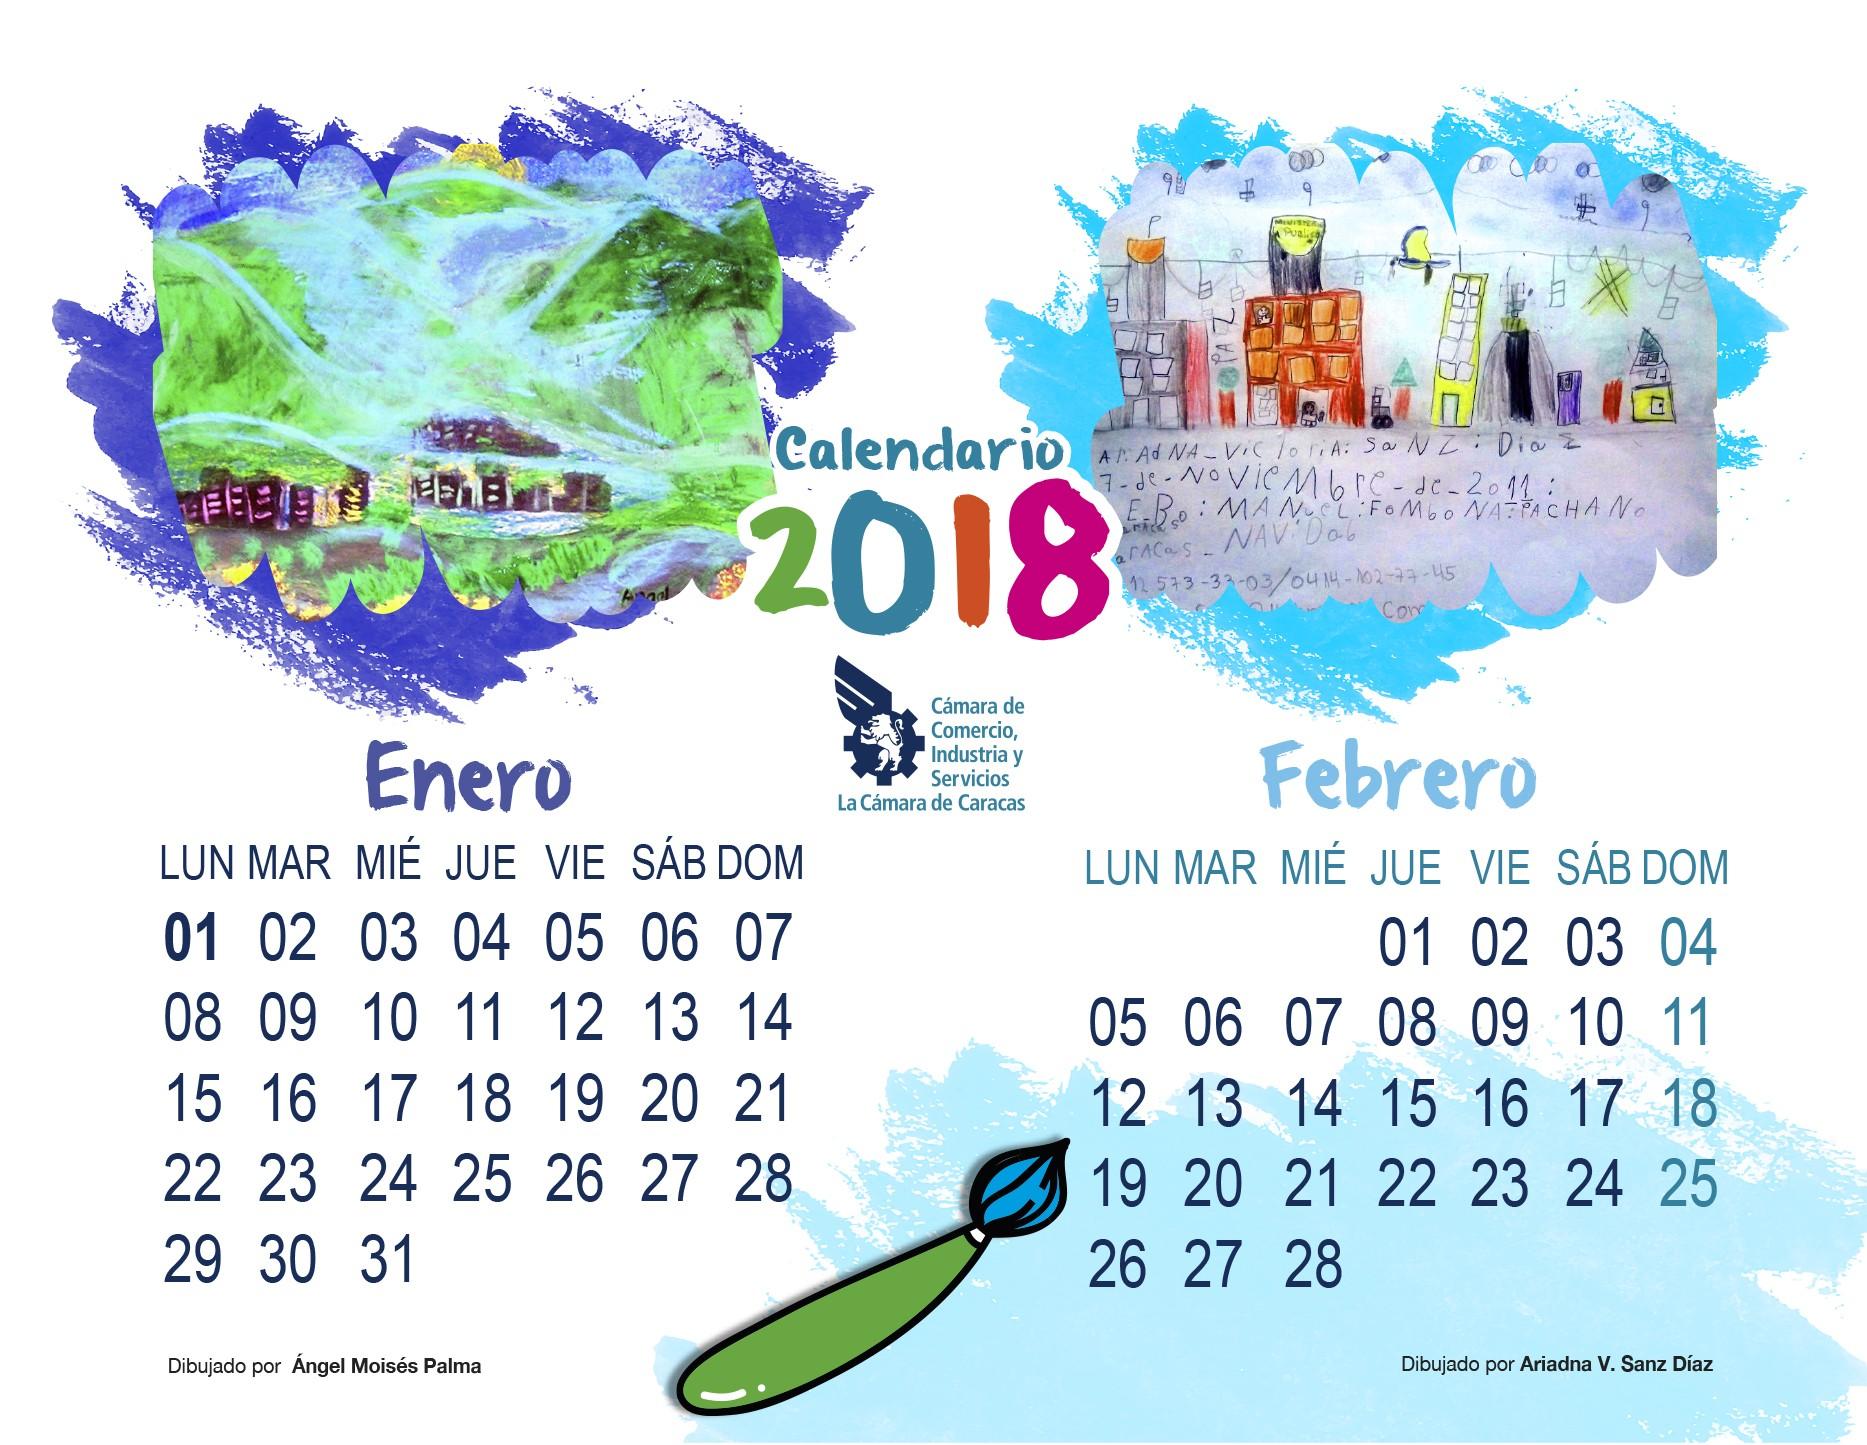 Imprimir Calendario Febrero Y Marzo 2019 Recientes Descarga Nuestro Calendario 2018 Cámara De Caracas Of Imprimir Calendario Febrero Y Marzo 2019 Actual 2019 2018 Calendar Printable with Holidays List Kalender Kalendar